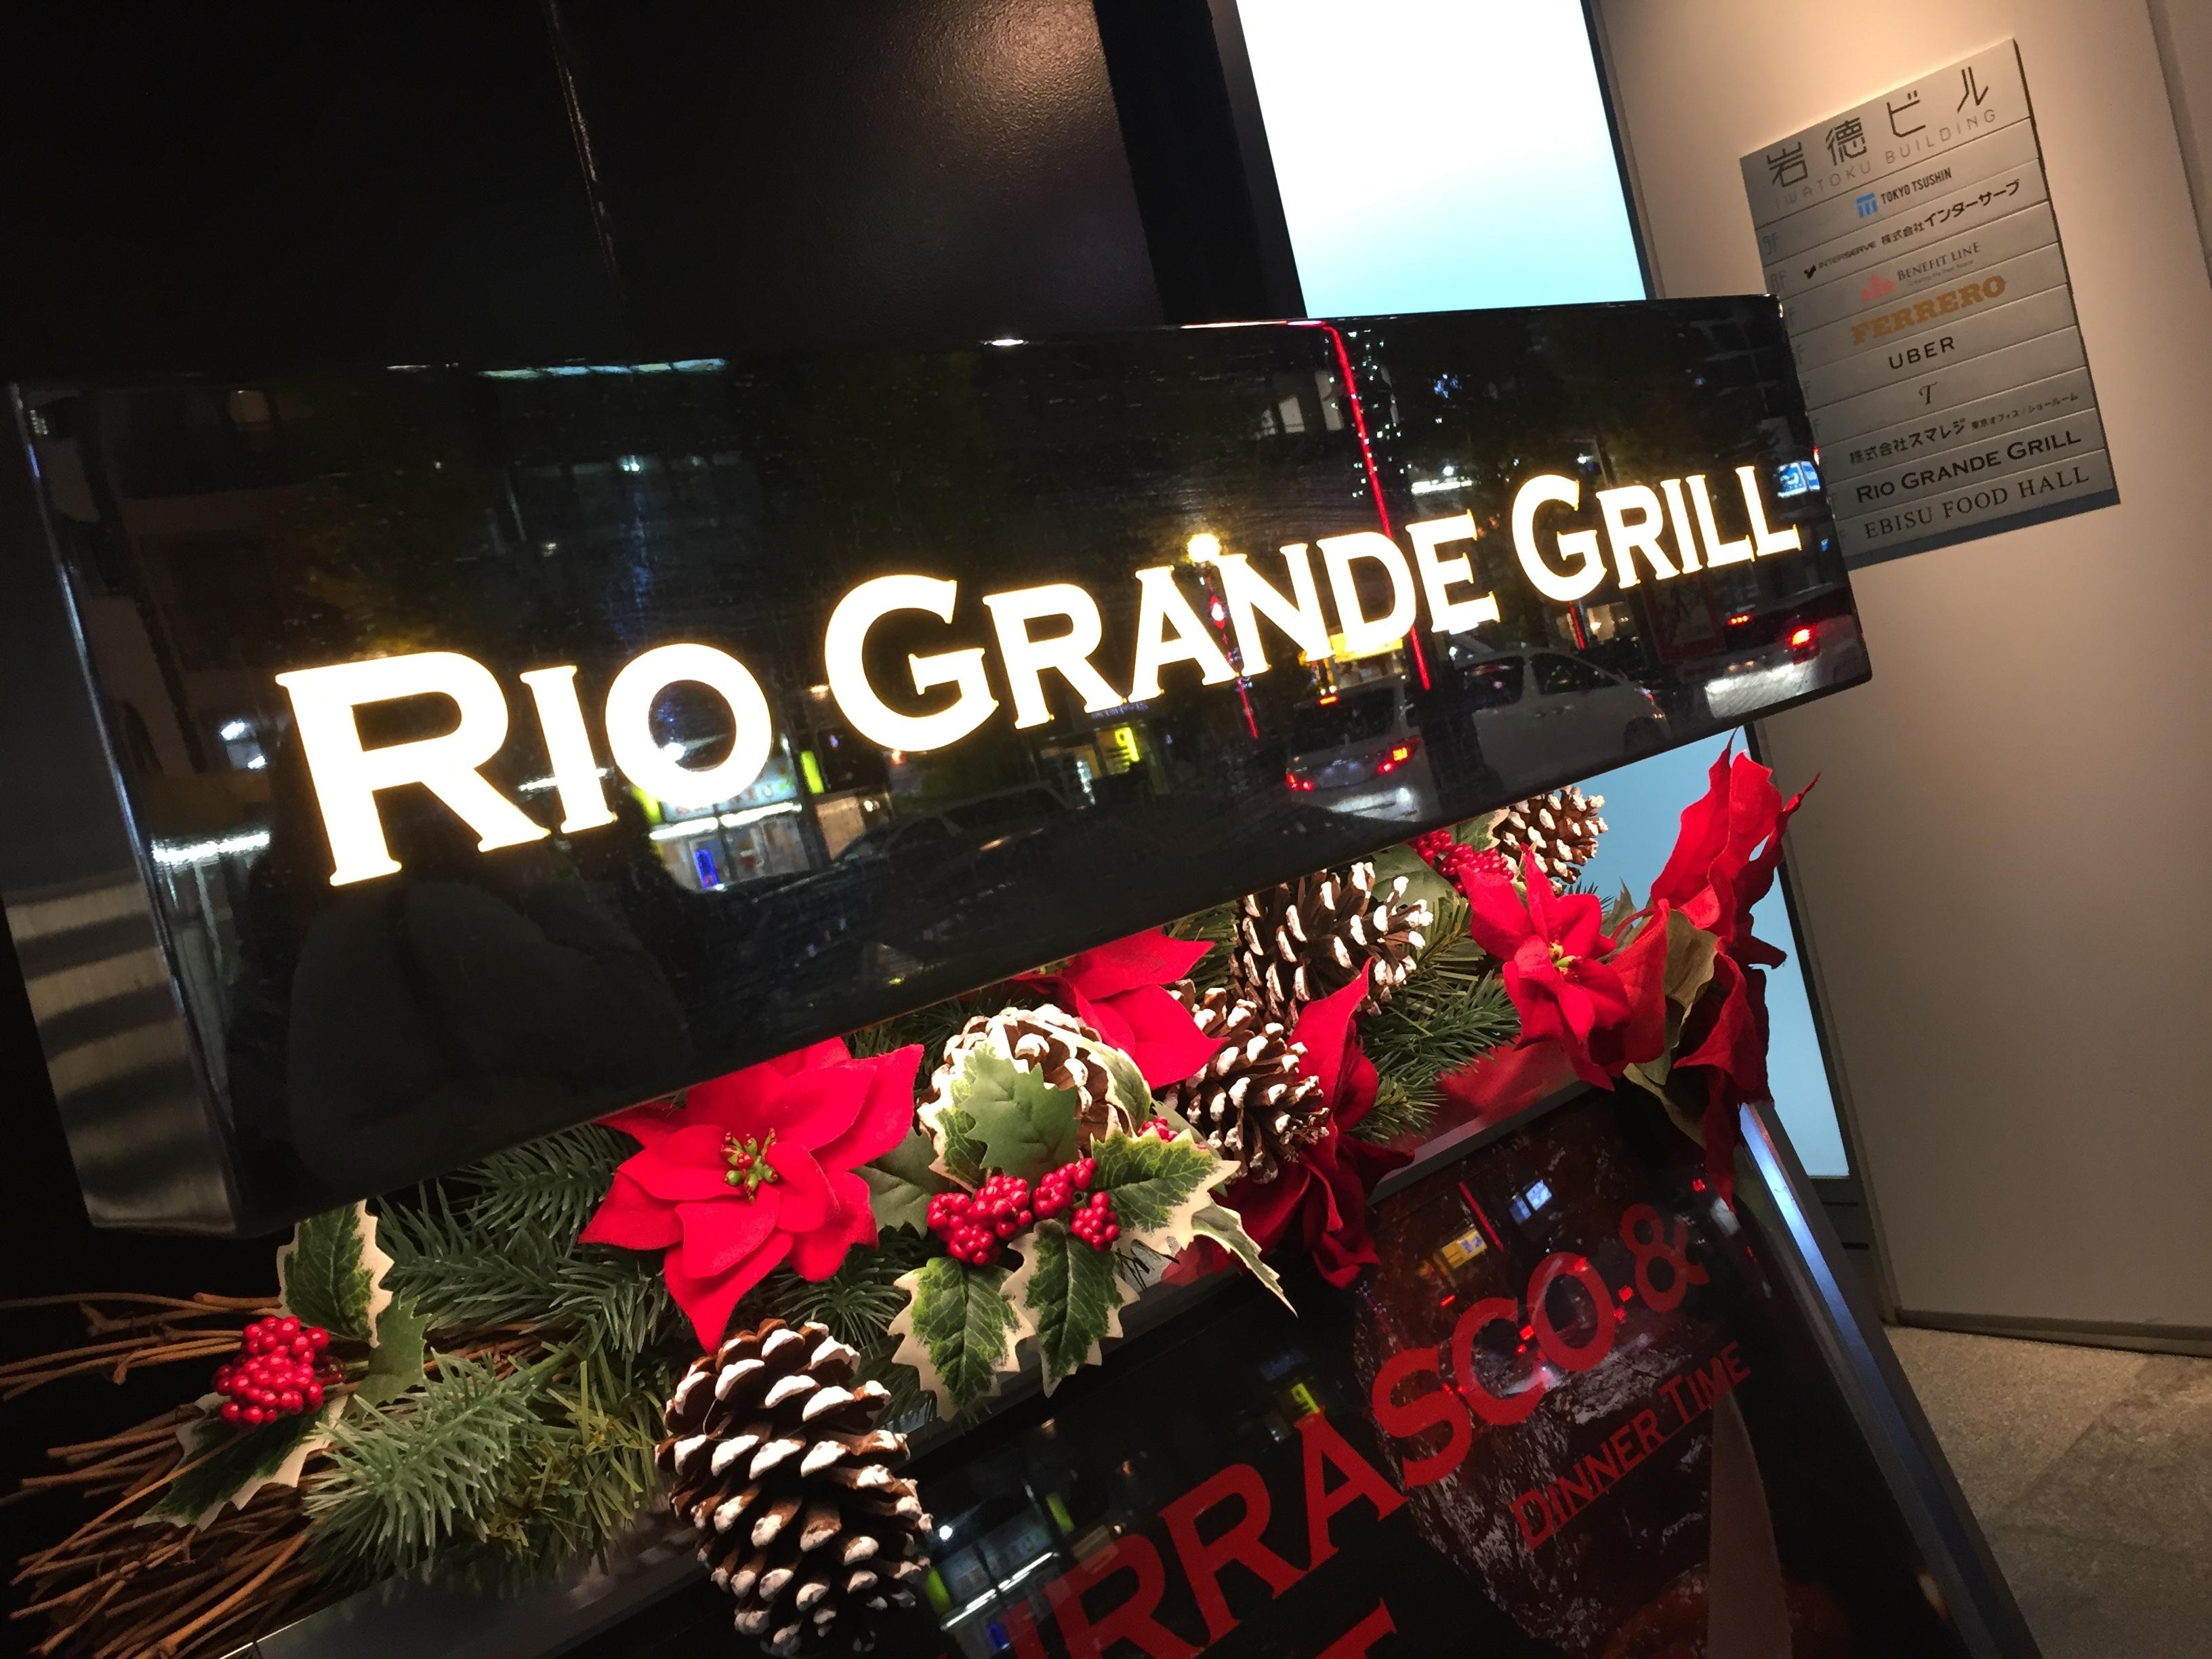 絶品!恵比寿で本格的シュラスコを味わえる店《RIO GRANDE GRILL》_1_1